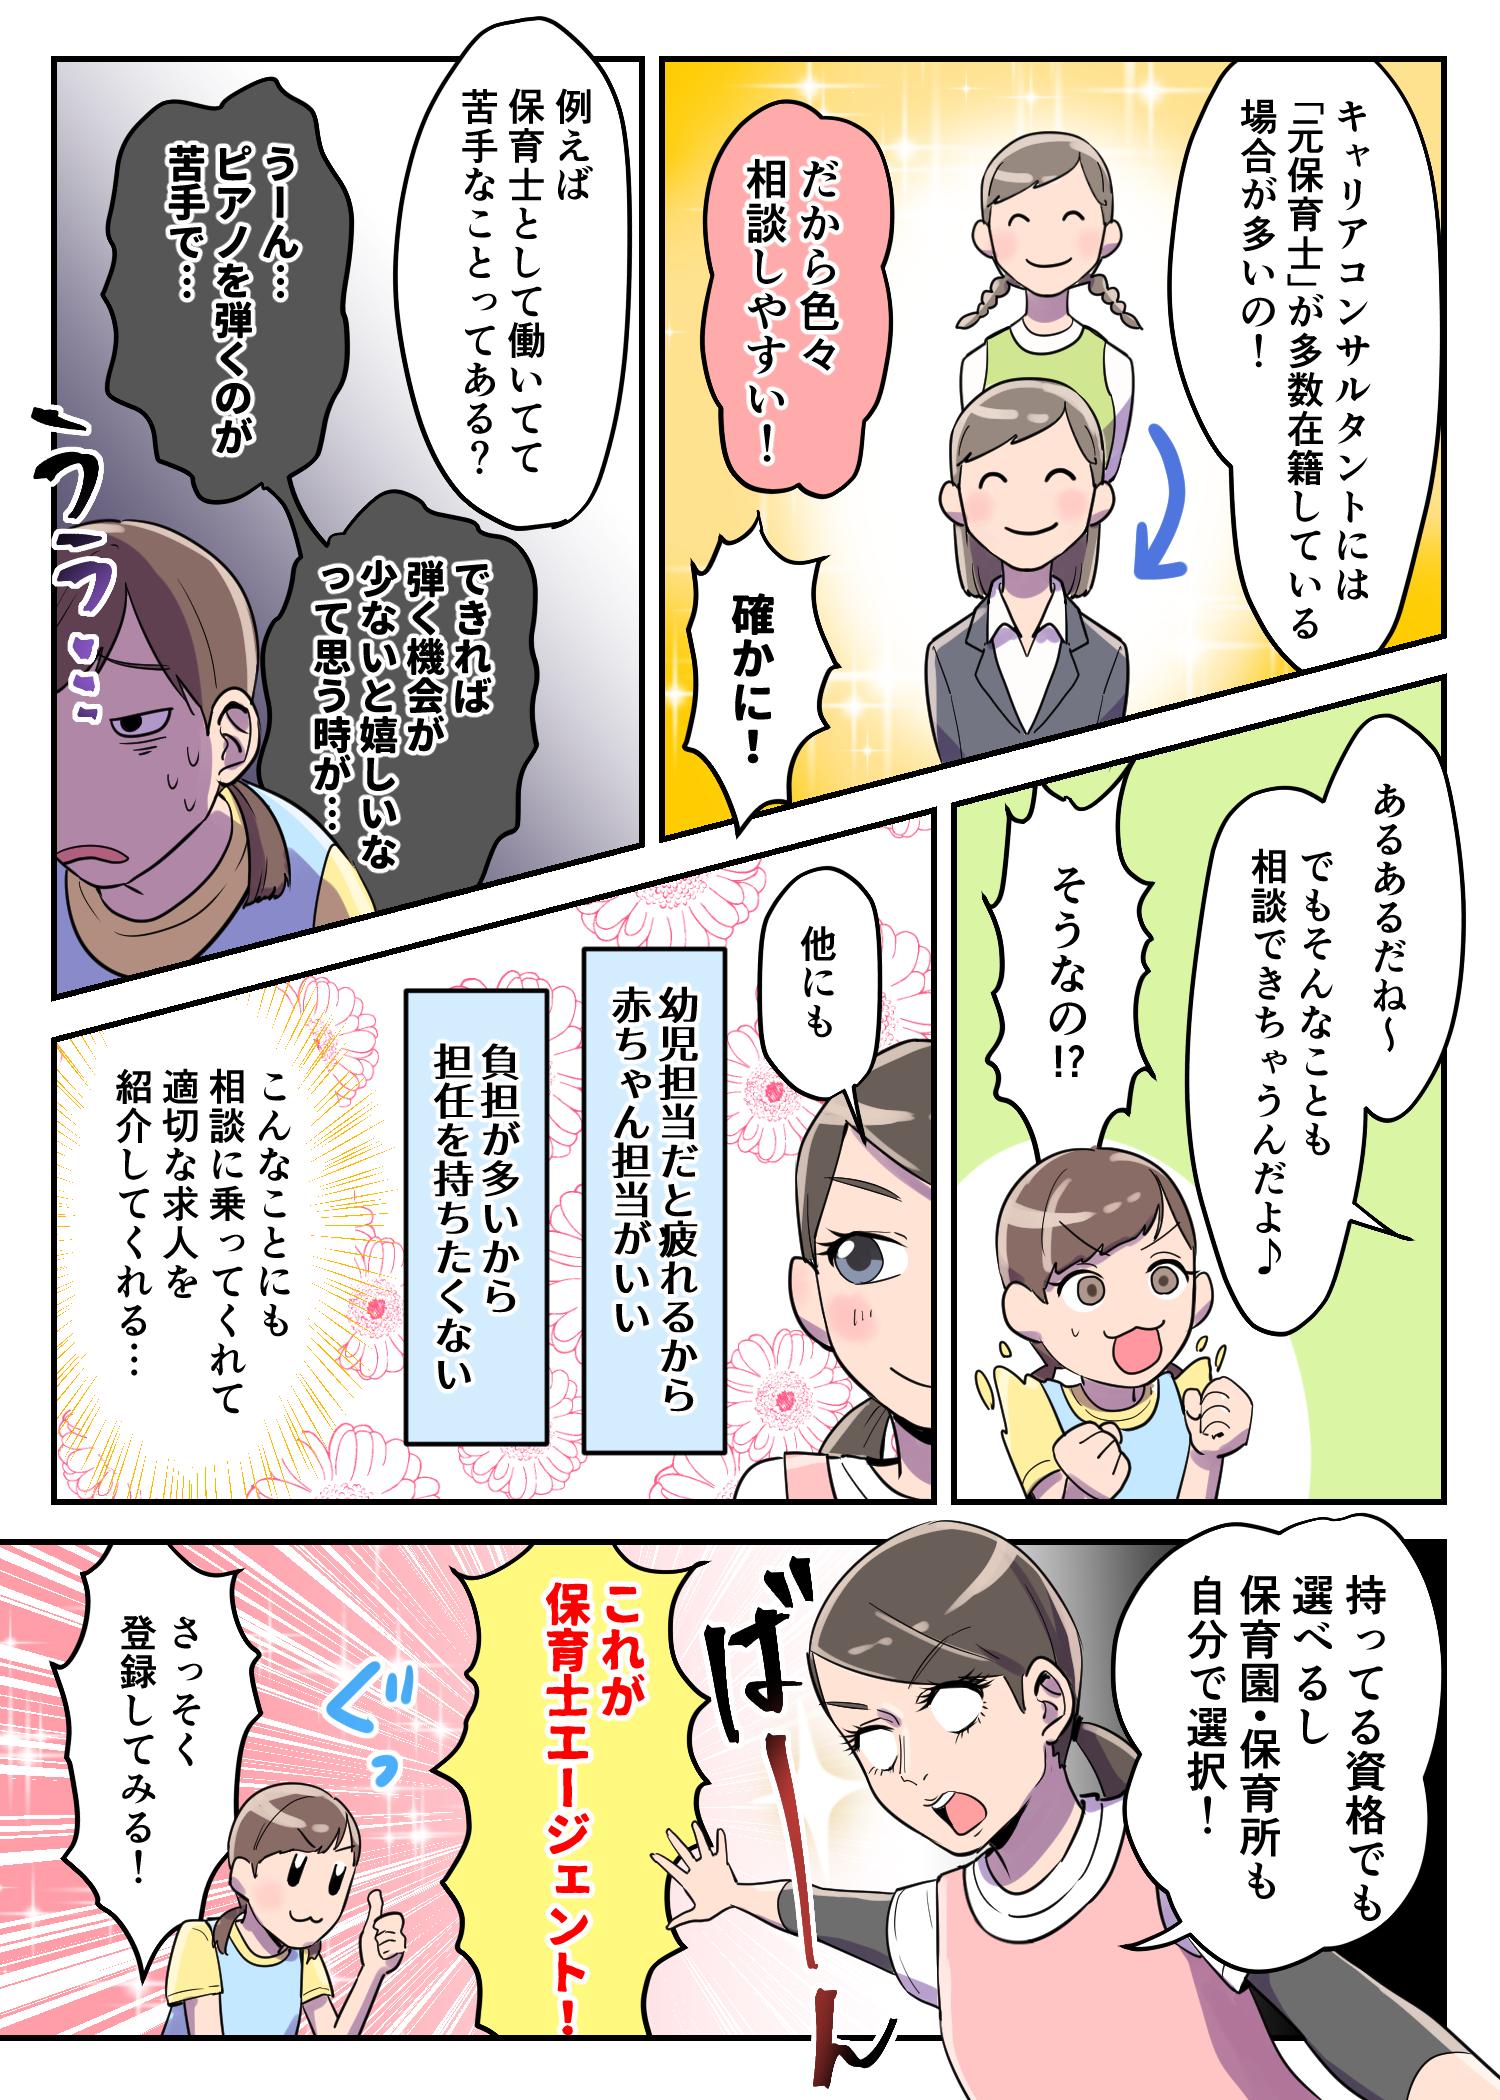 保育士のエージェントサービス解説漫画3